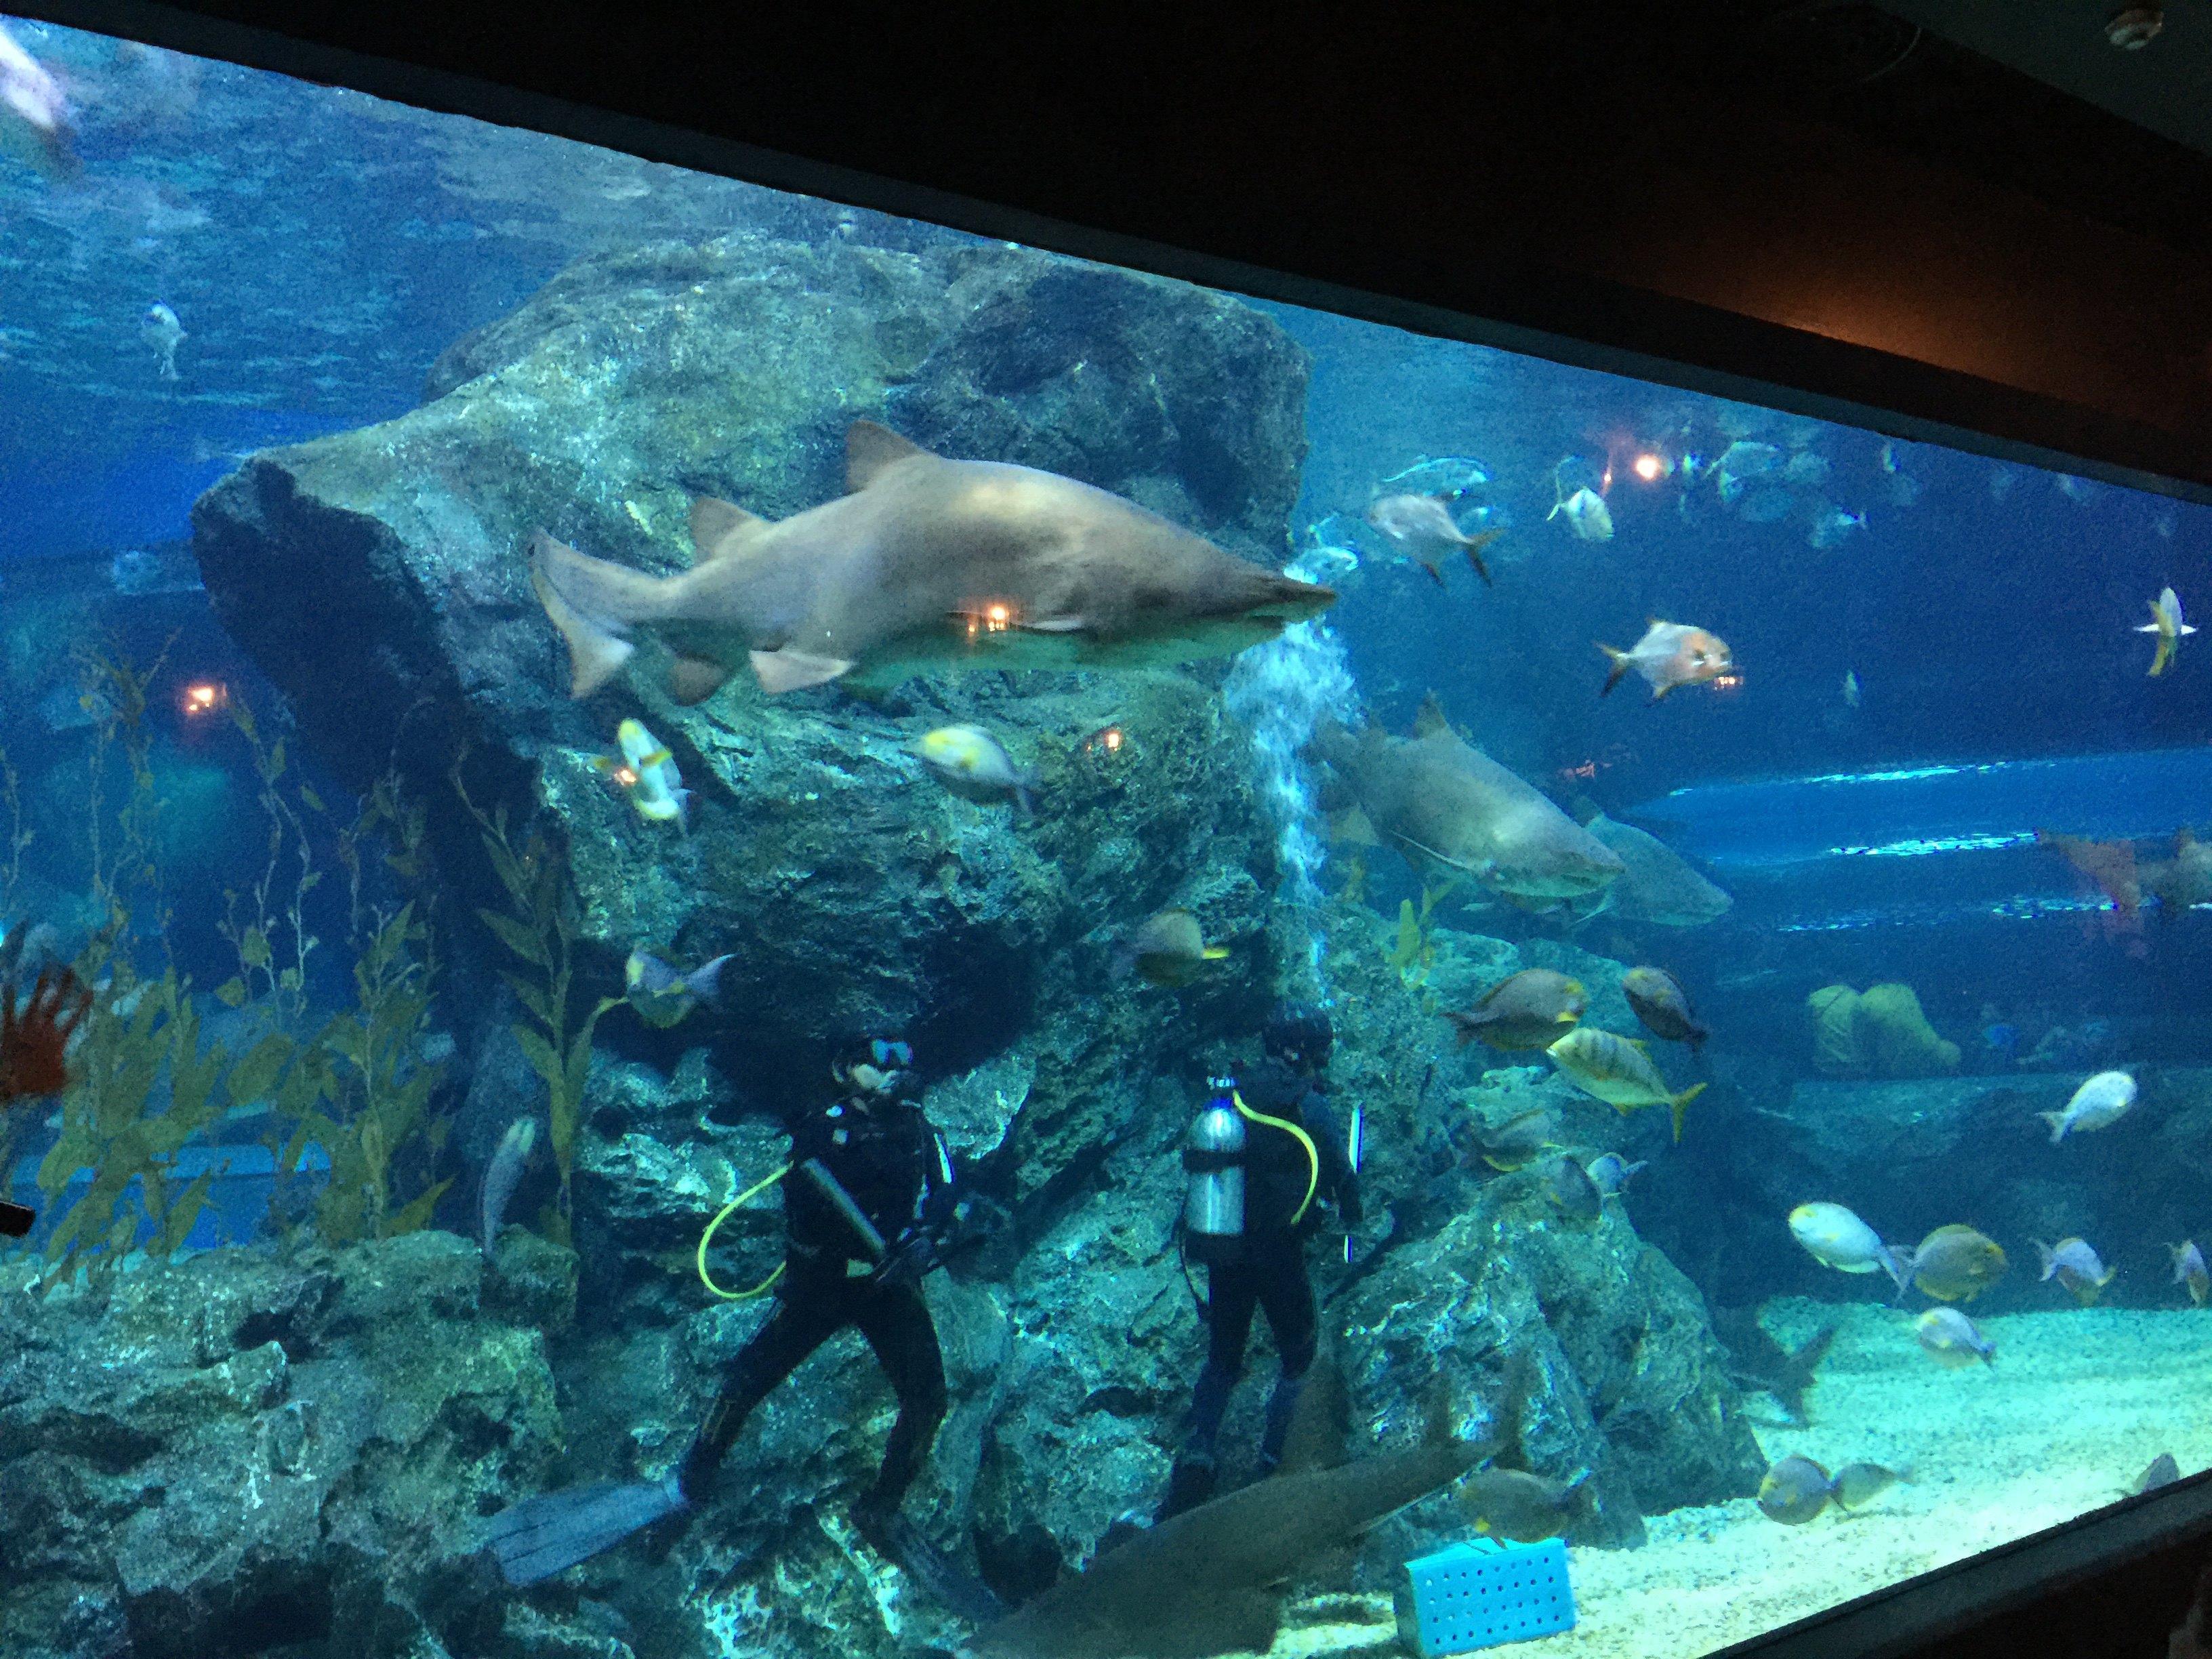 便宜鲨鱼海洋_【携程攻略】曼谷曼谷暹罗海洋世界景点,海洋馆设立在商场的 ...